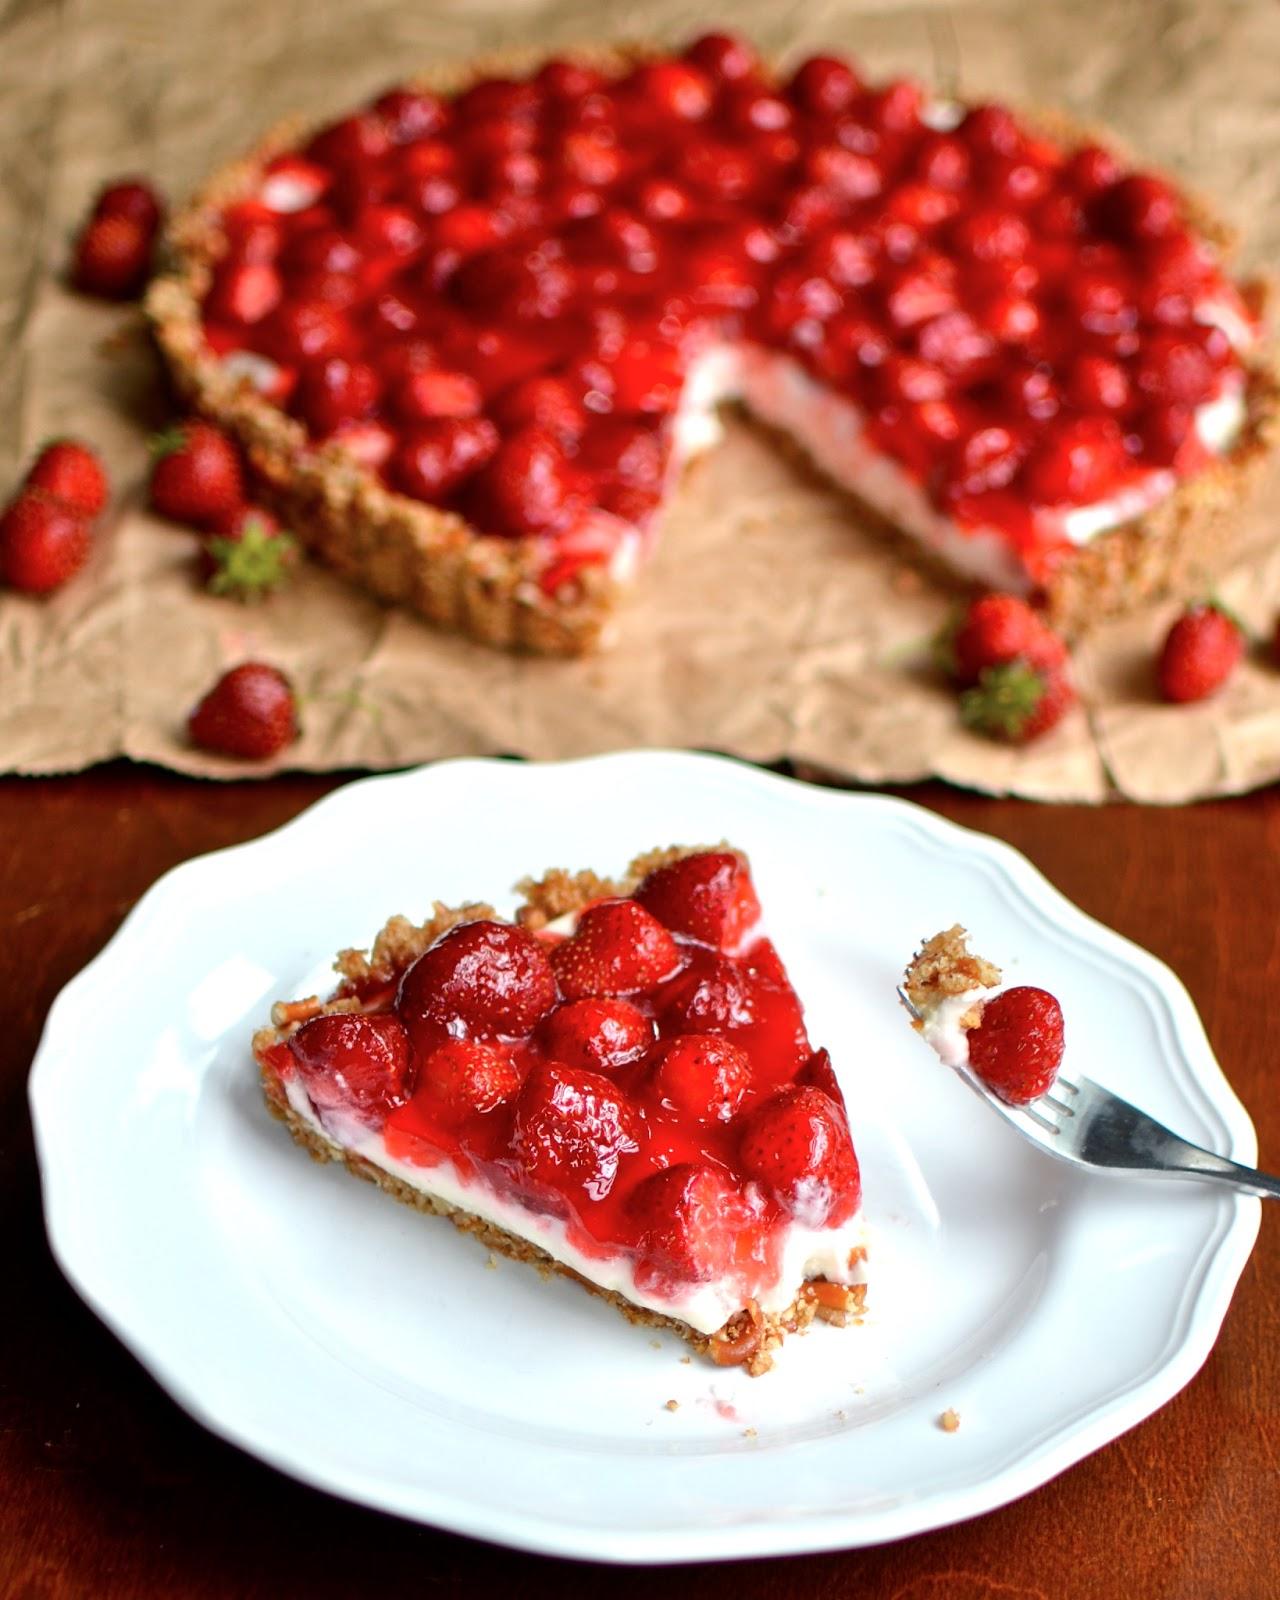 Yammie's Noshery: Strawberry Pretzel Tart